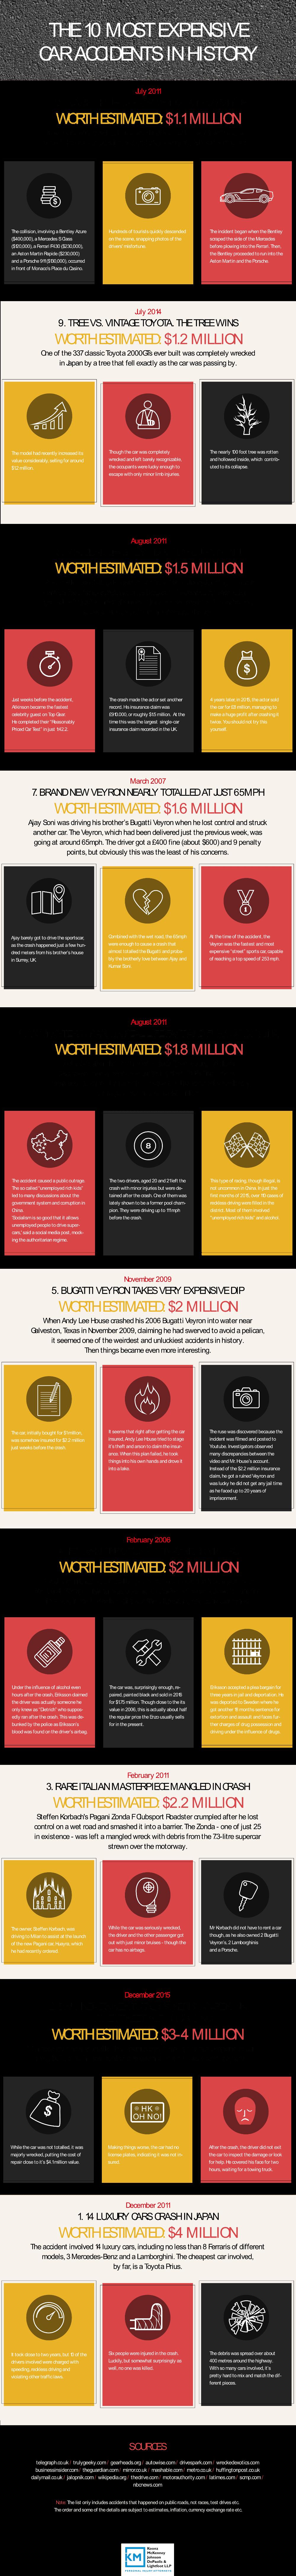 koonz-infographic_1000